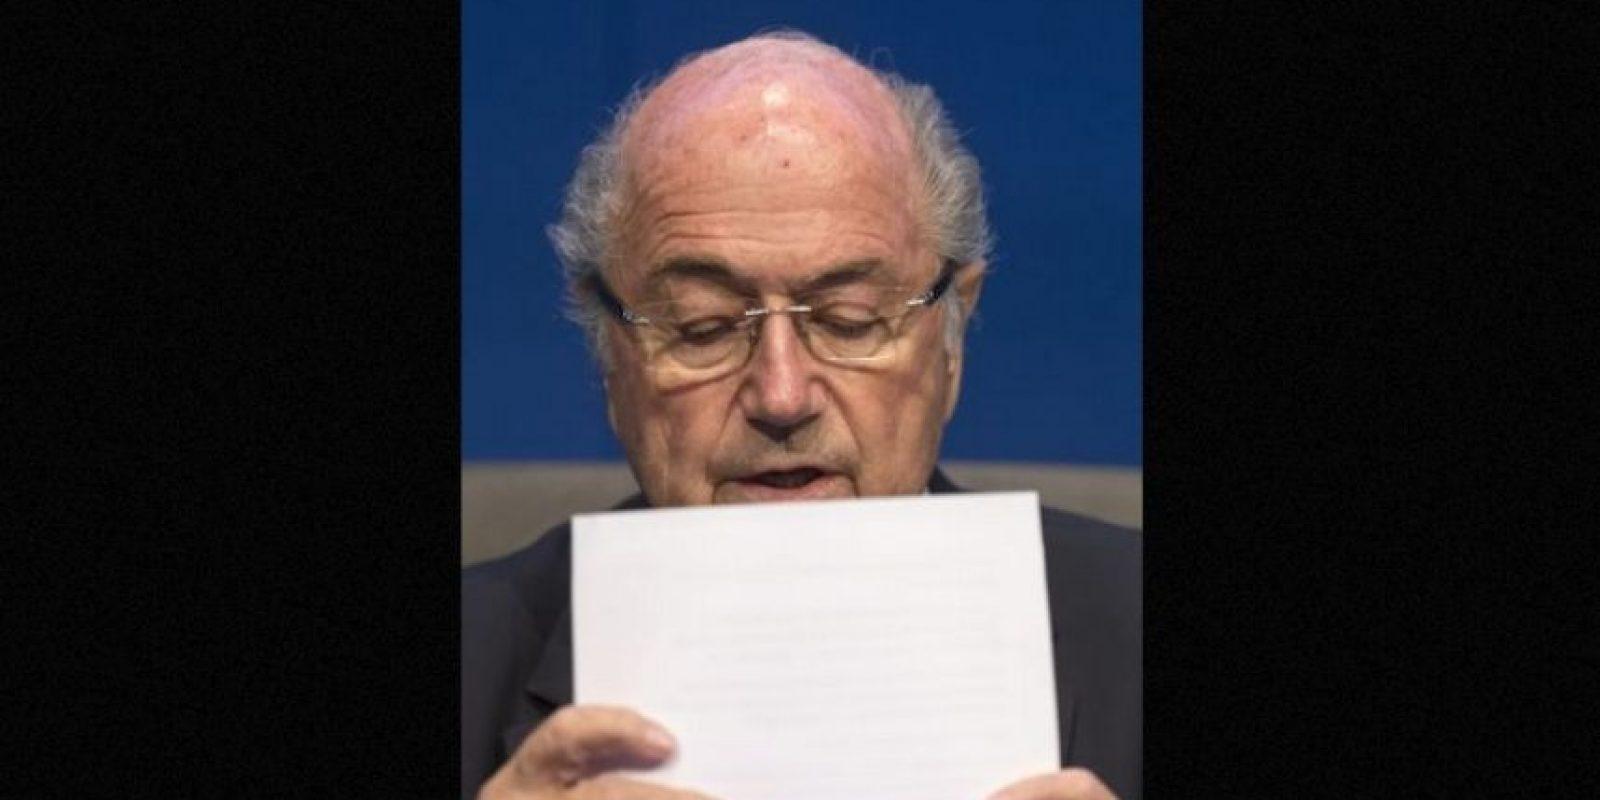 Algunos de los países que hicieron estos tratos con Blatter, según la fuente citada, son Honduras, Guatemala, El Salvador, Panamá, Gabón y Eslovenia, y además, todos los encuentros se hacían en los hoteles más lujosos. Foto:AFP